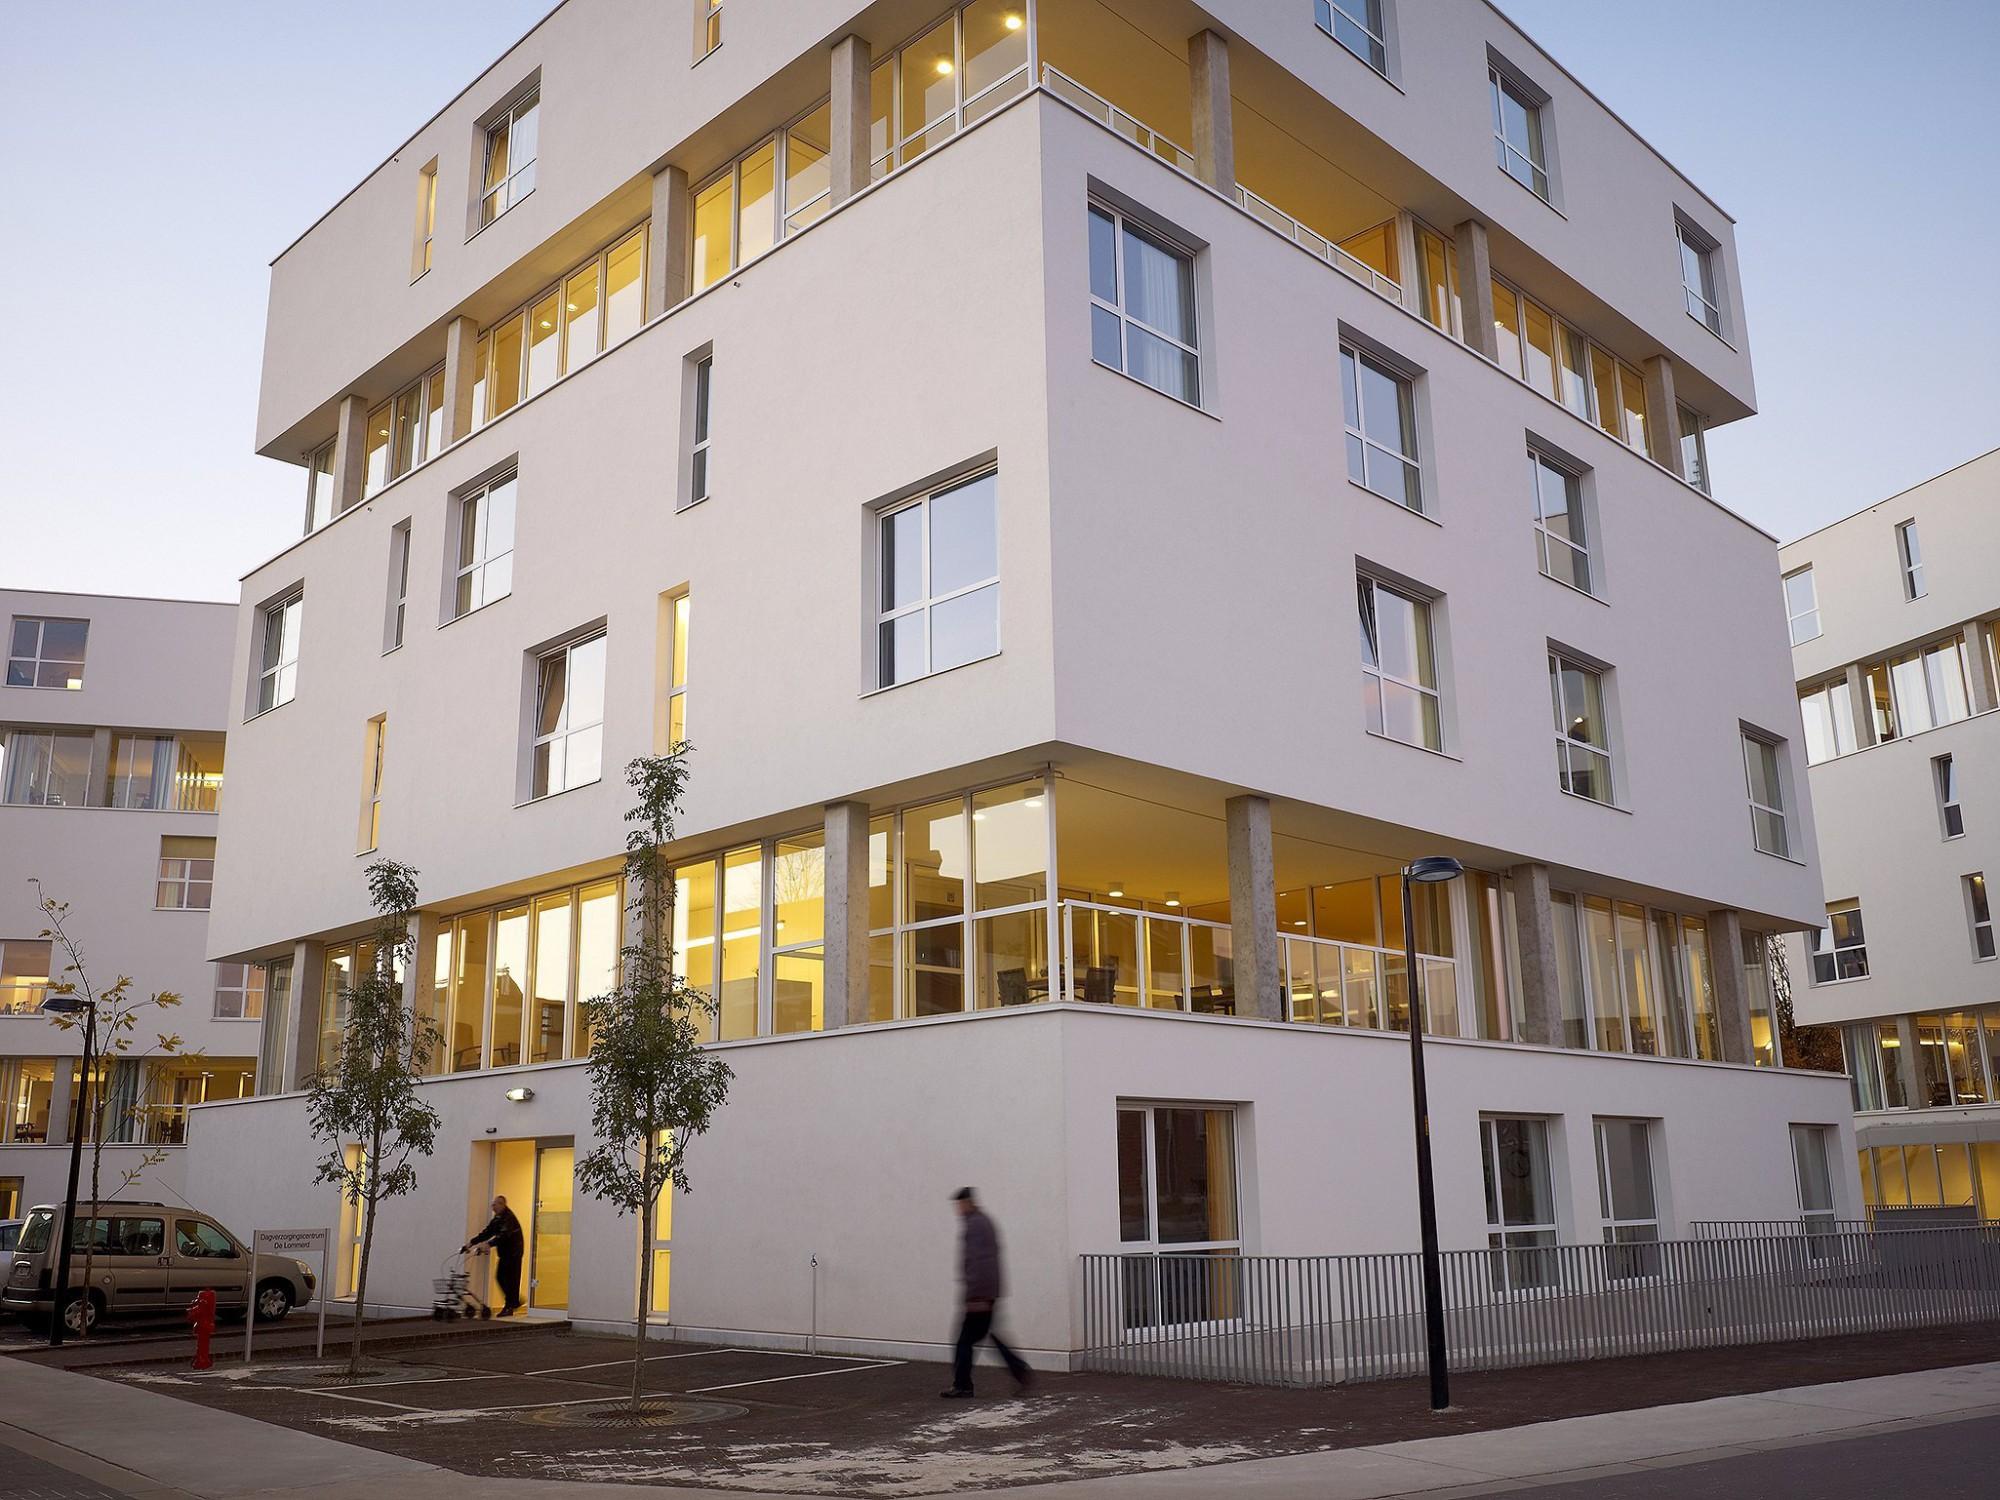 Afbeelding: Fotografie architectuur woonzorgcentrum Stede Akkers Hoogstraten,© Osar architecten, voor groep Van Roey.